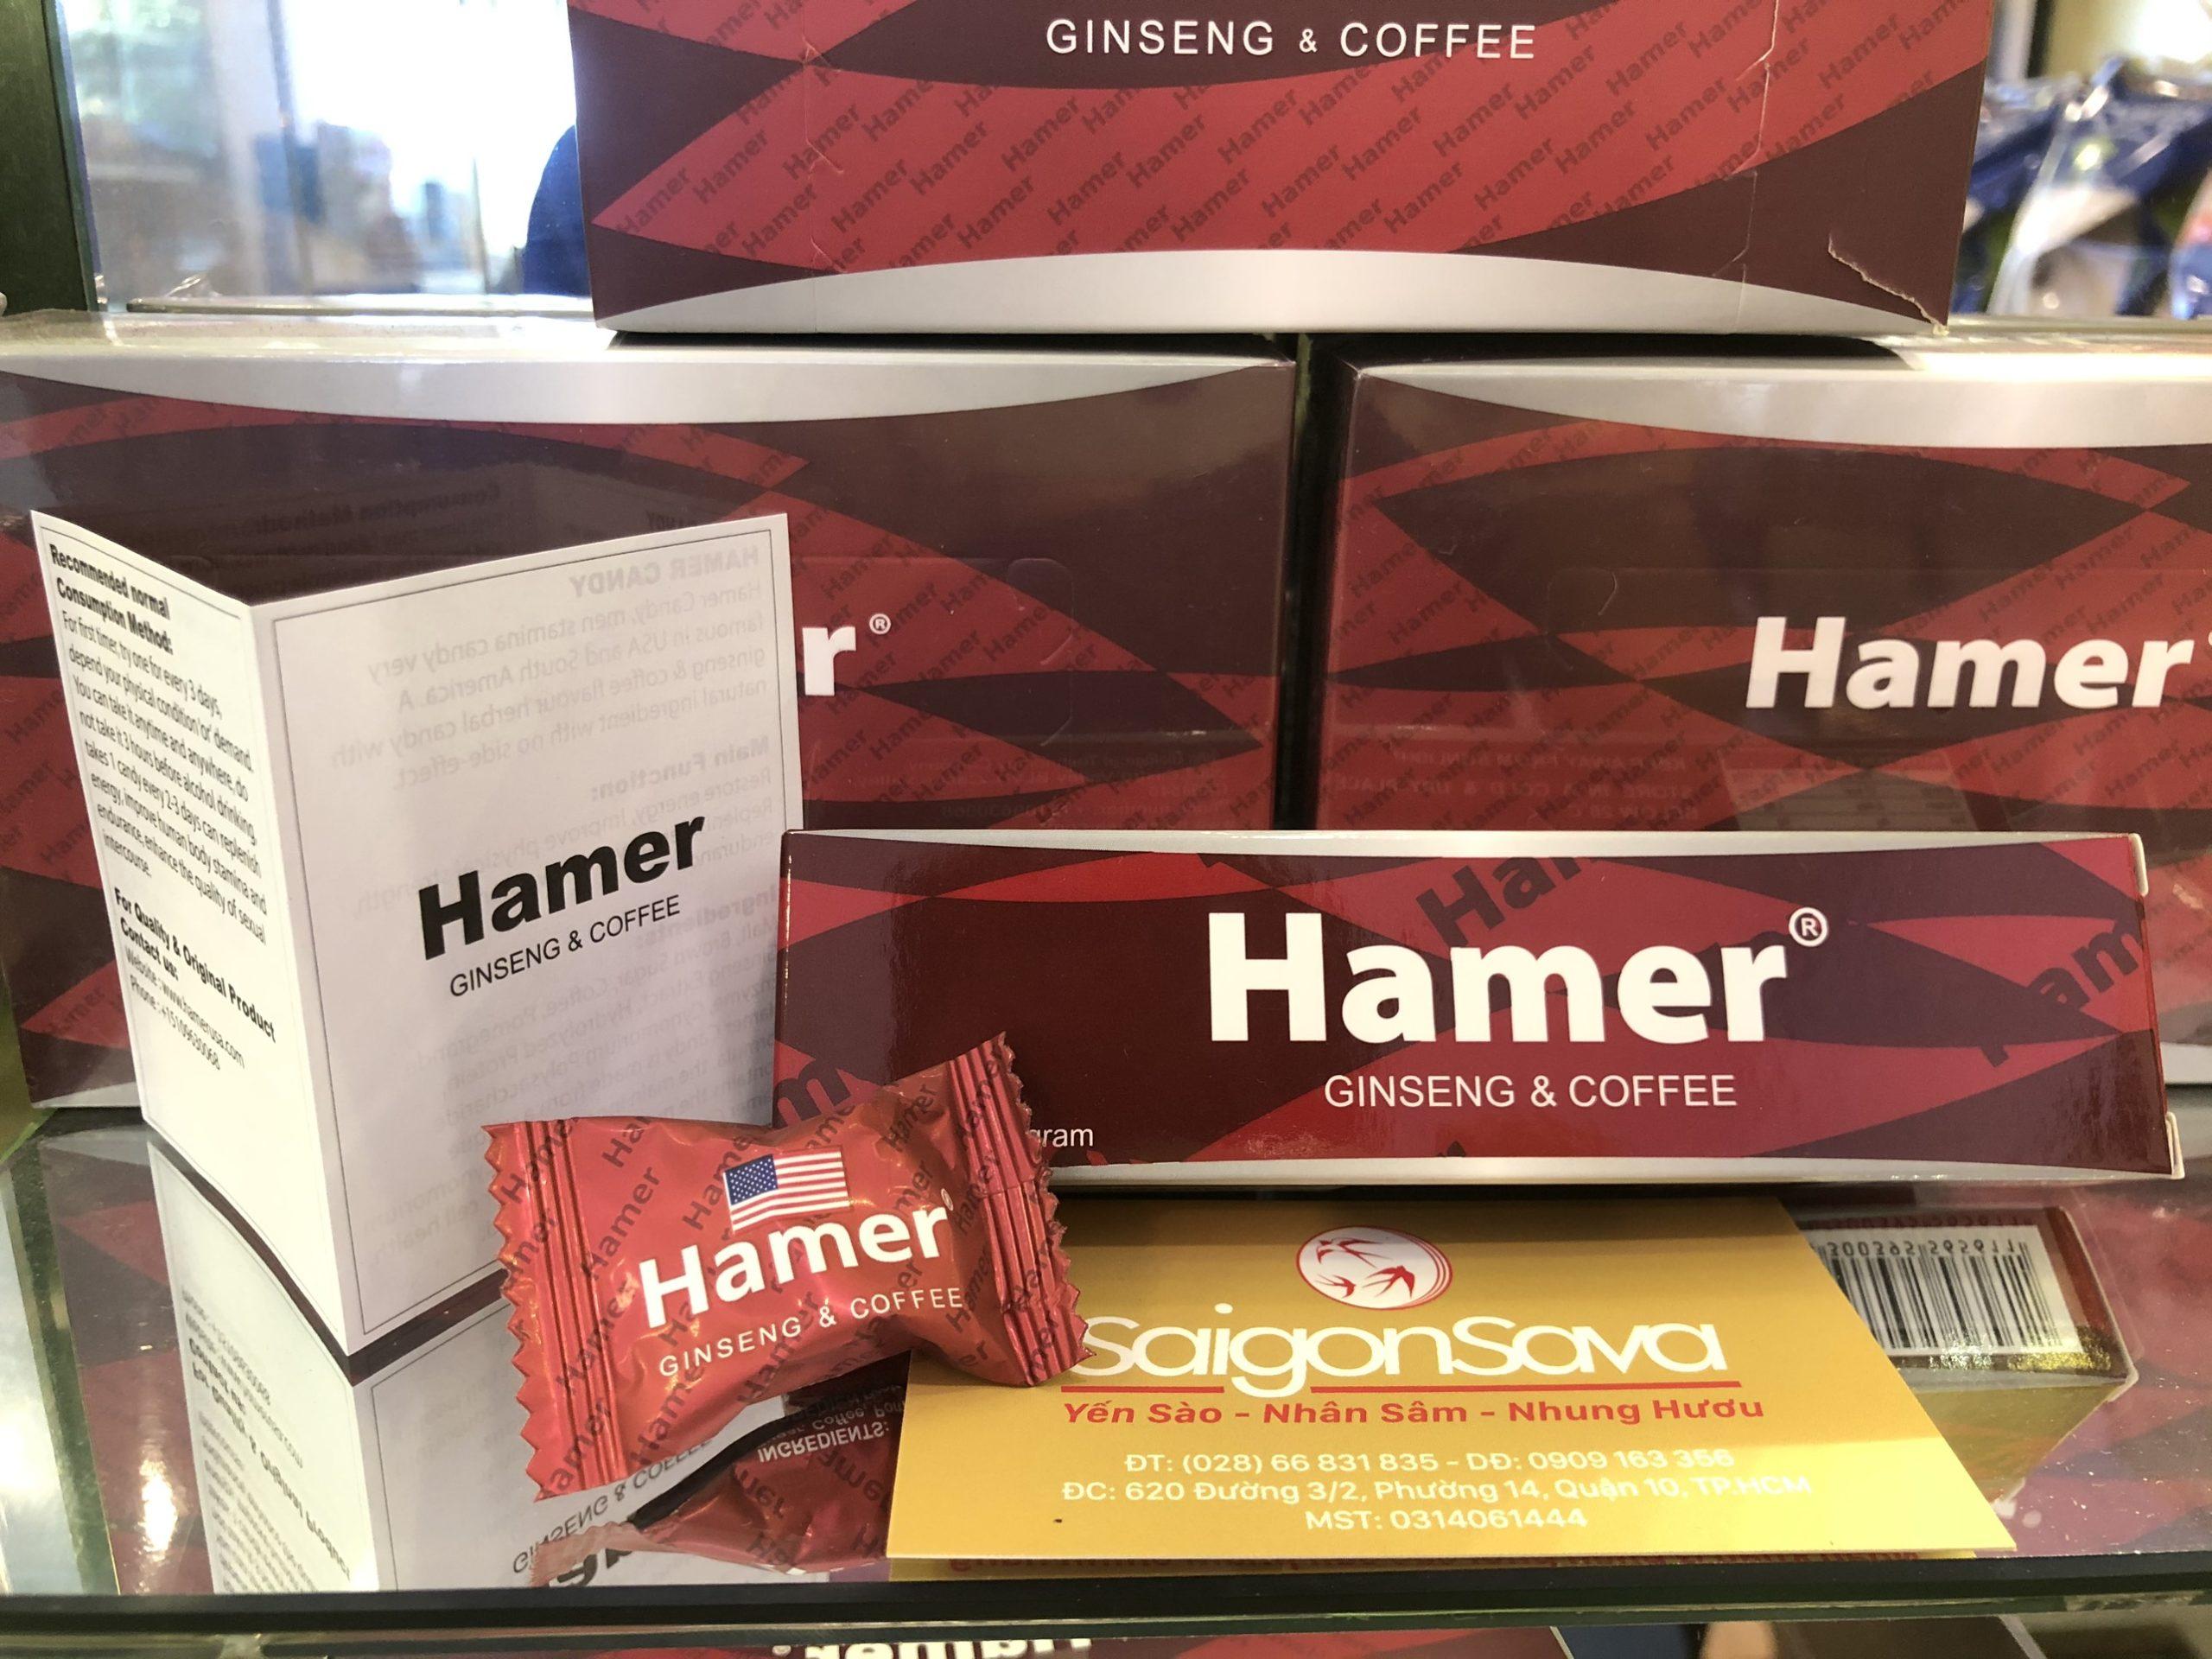 Kẹo Sâm Hamer Mỹ Bán Ở Đâu?